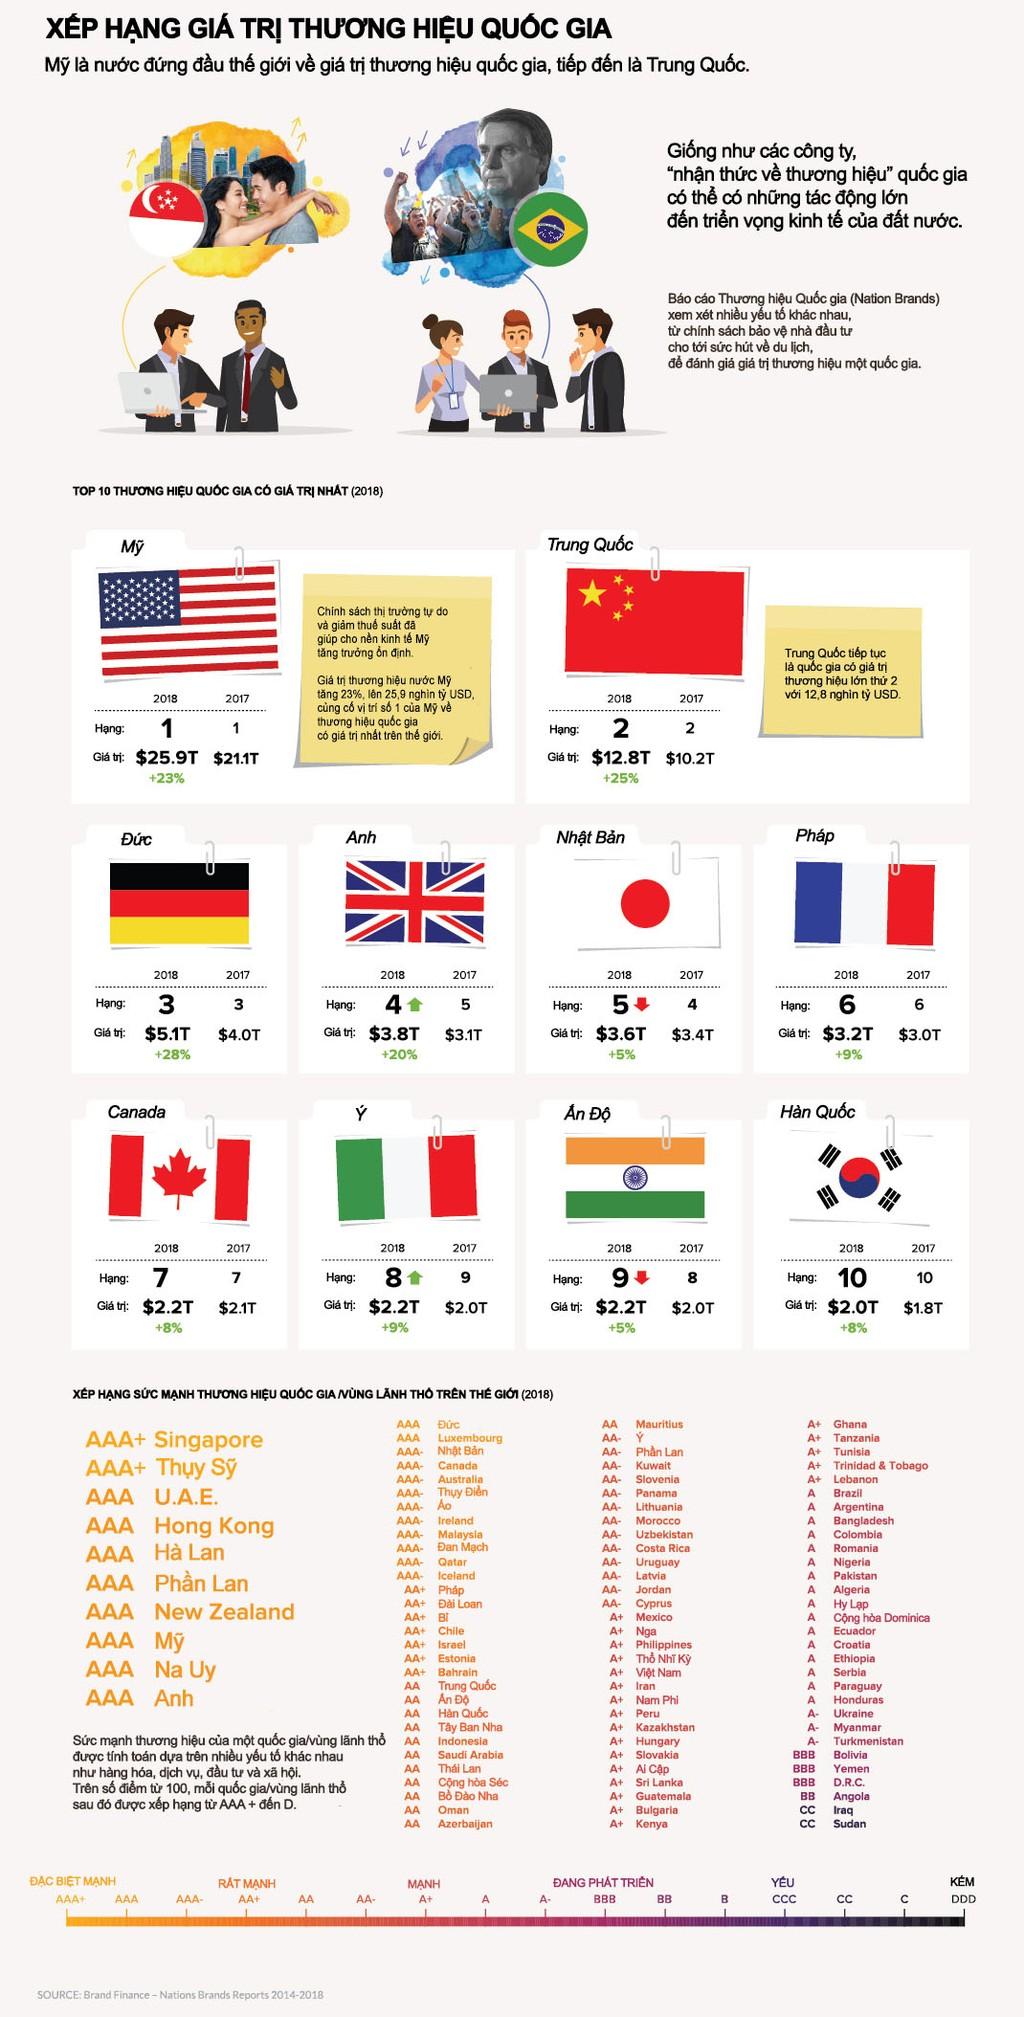 Xếp hạng giá trị thương hiệu của mỗi quốc gia trên thế giới - ảnh 1